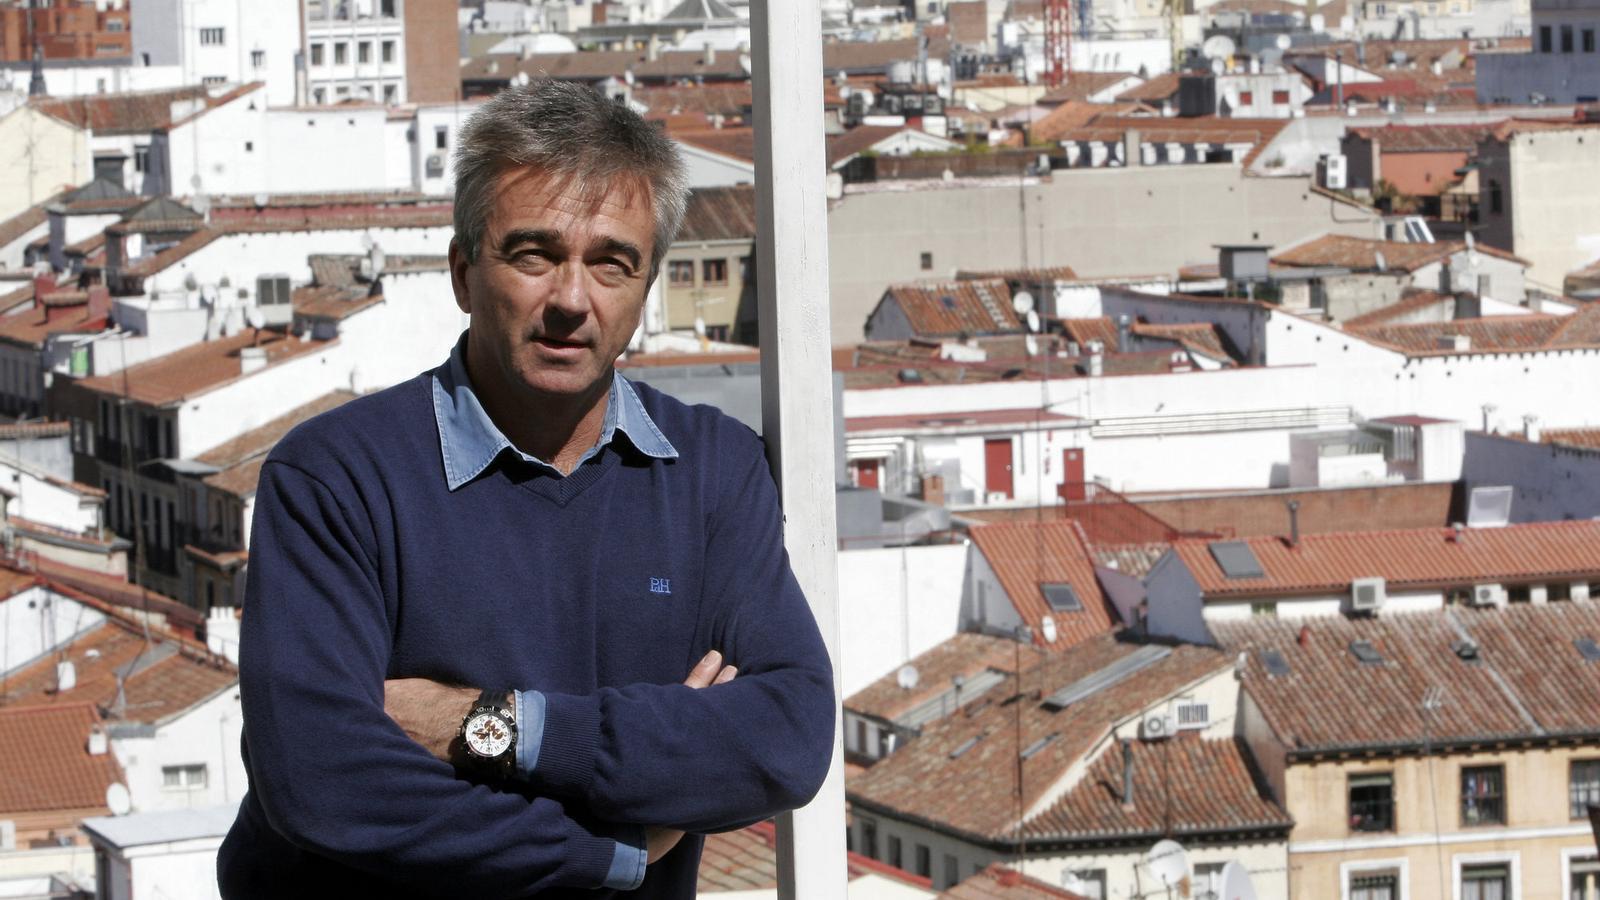 Carles francino passa a 39 la ventana 39 i gemma nierga for Cadena ser francino